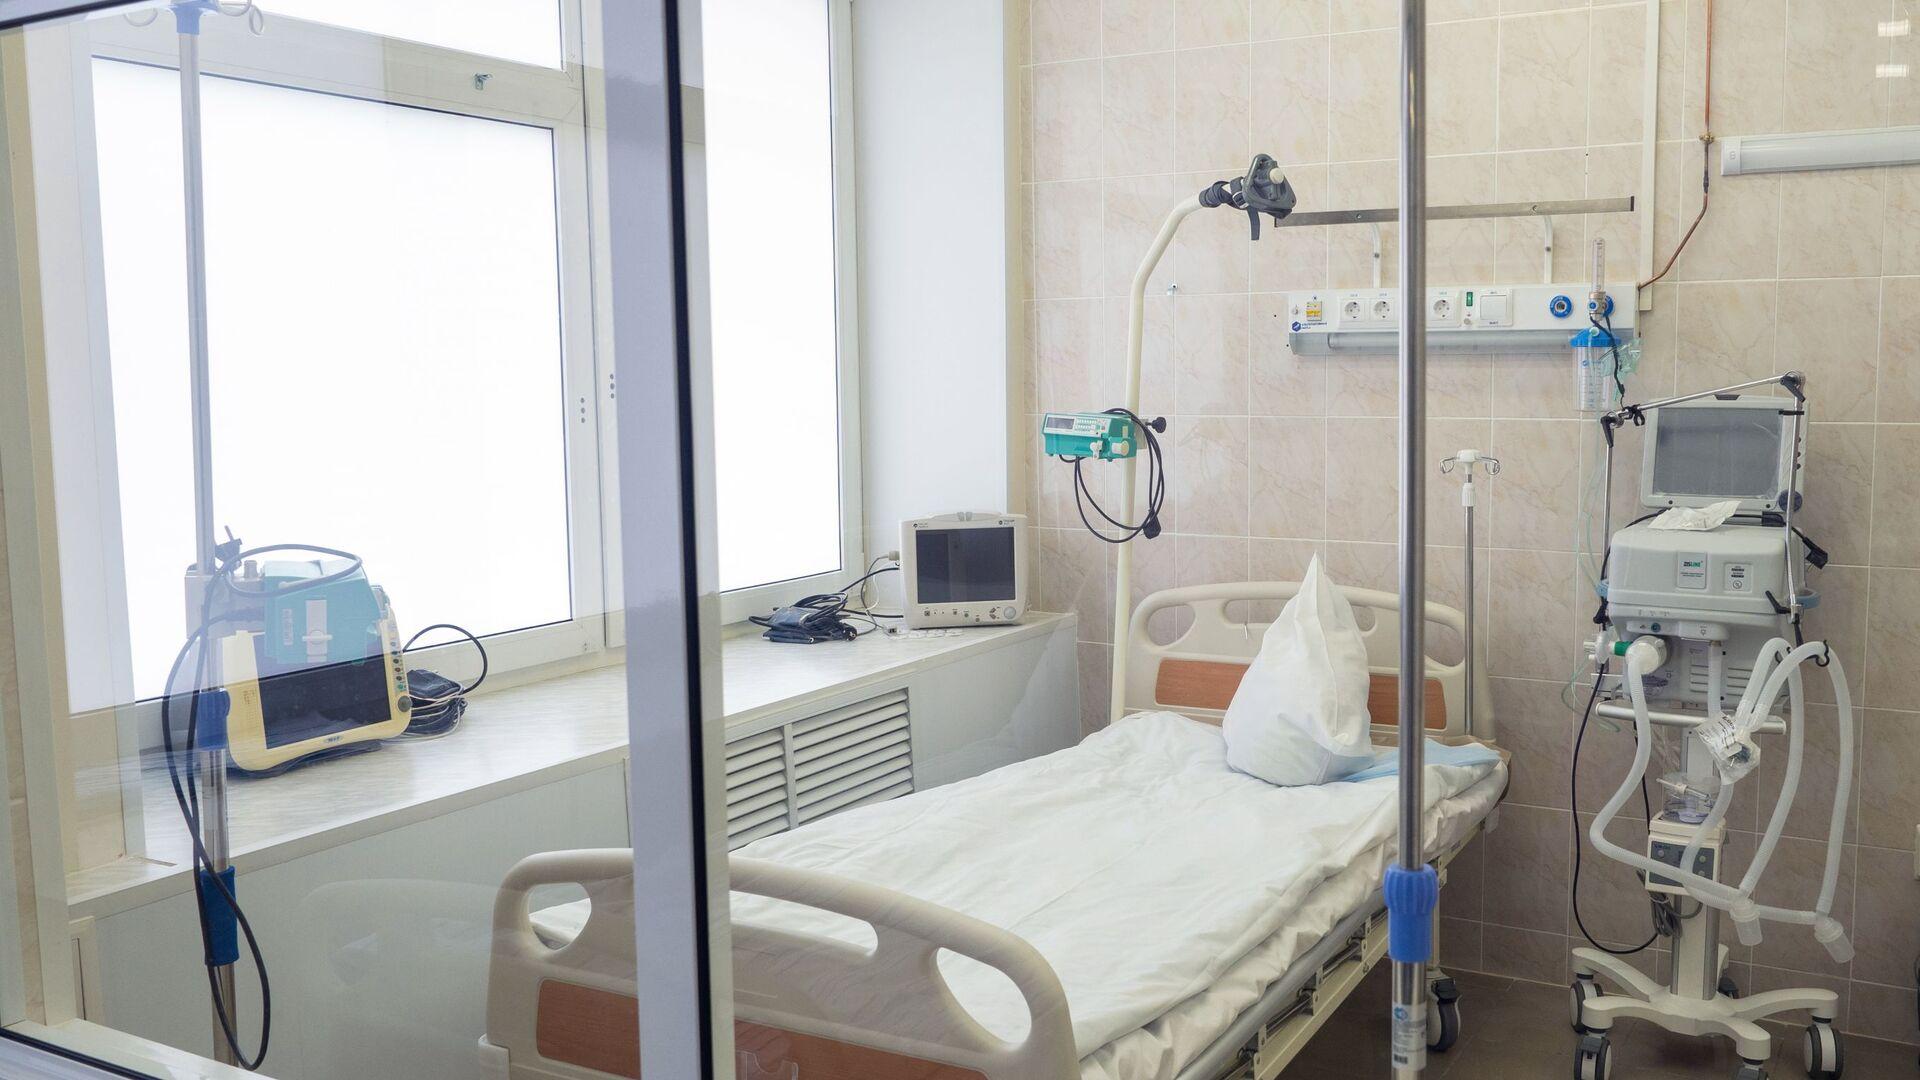 Հիվանդանոց - Sputnik Արմենիա, 1920, 17.09.2021